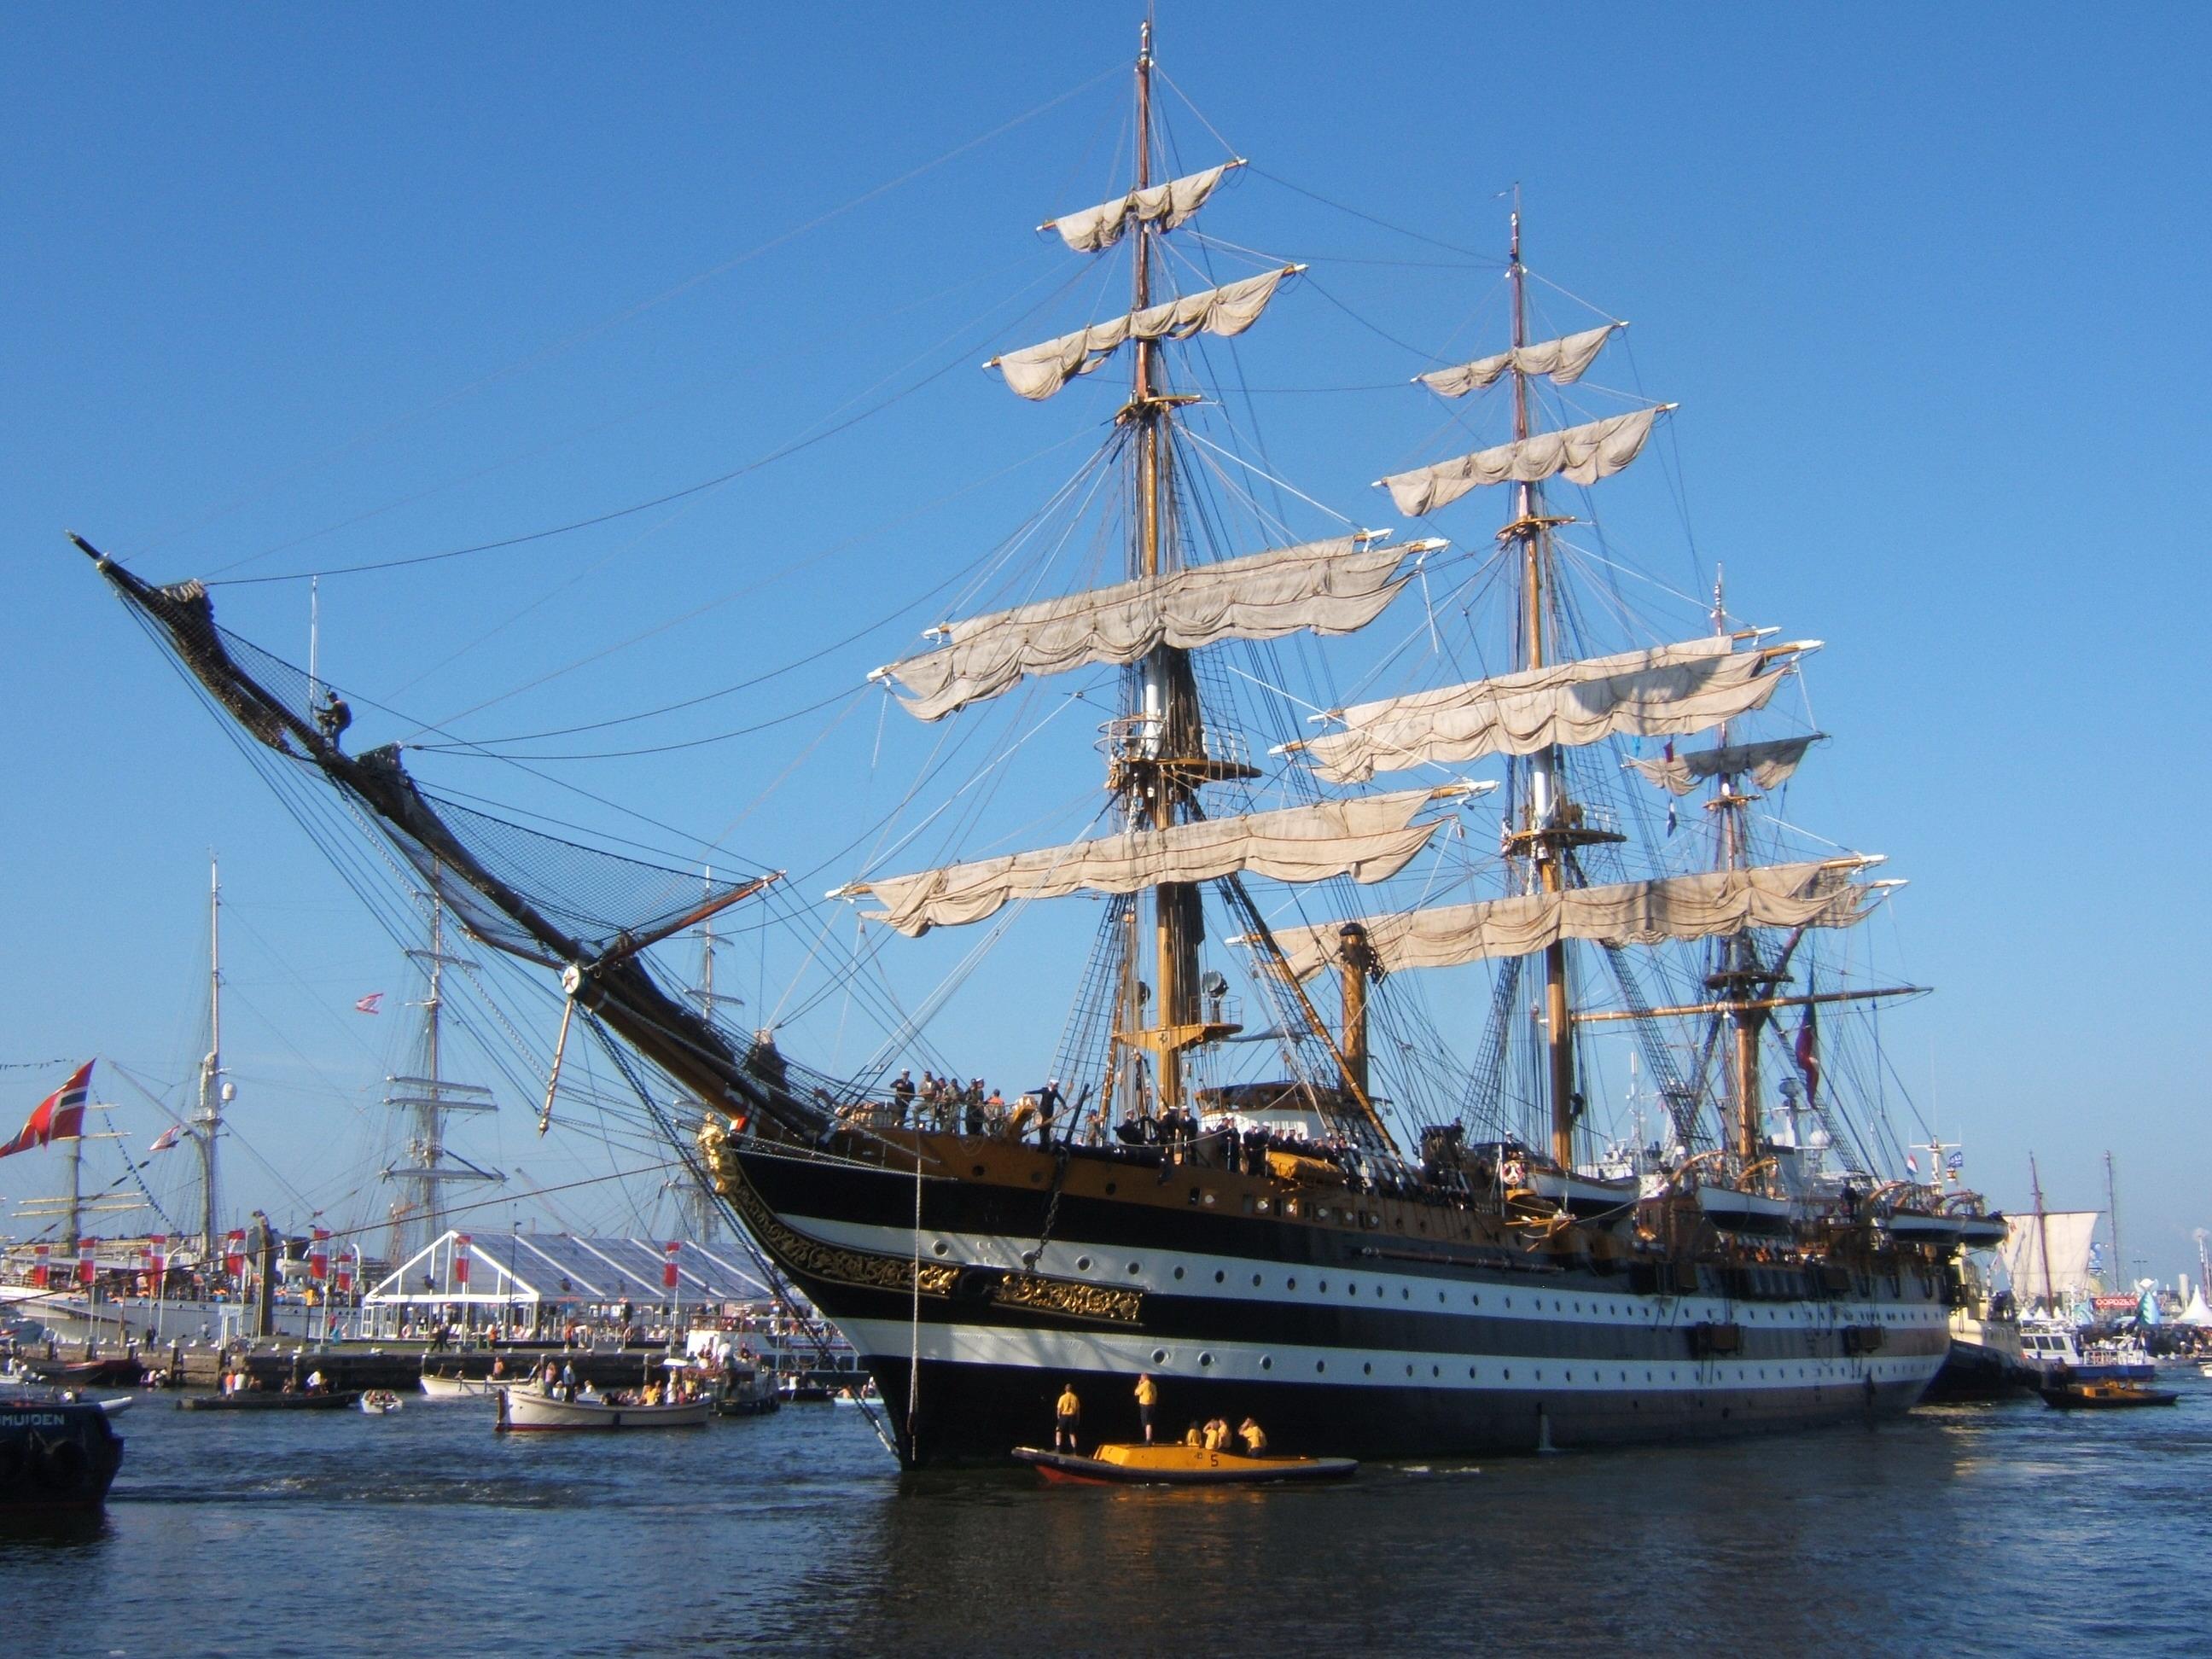 La 'Amerigo Vespucci' sosterà nel porto di Ravenna da dove manca dal 2008